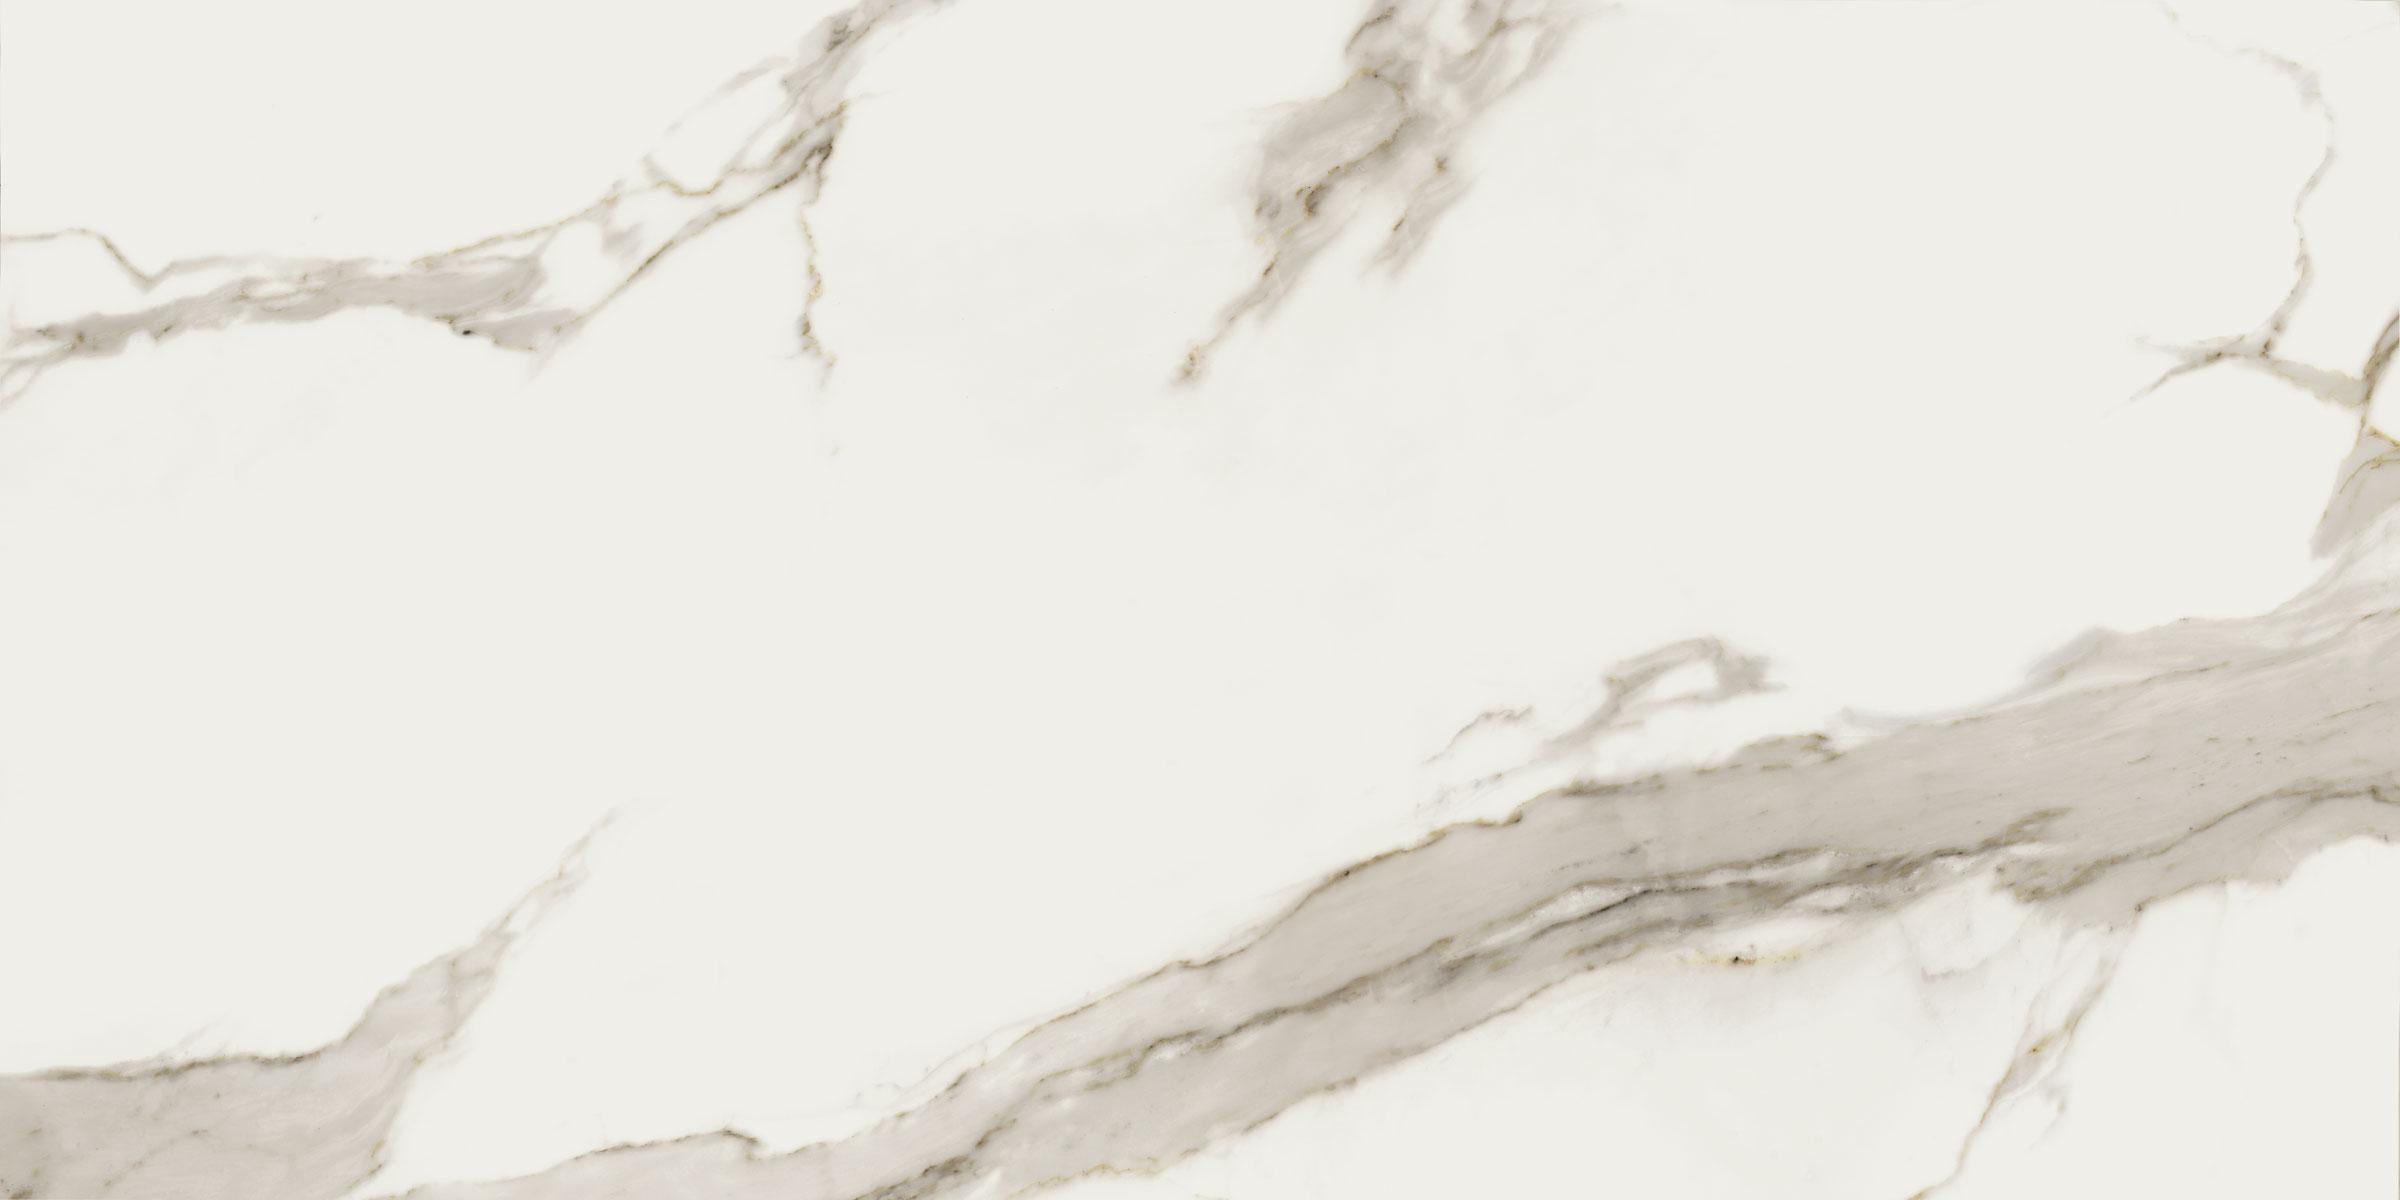 Pavimenti effetto marmo in gres porcellanato prestigio - Pavimenti interni moderni chiari ...